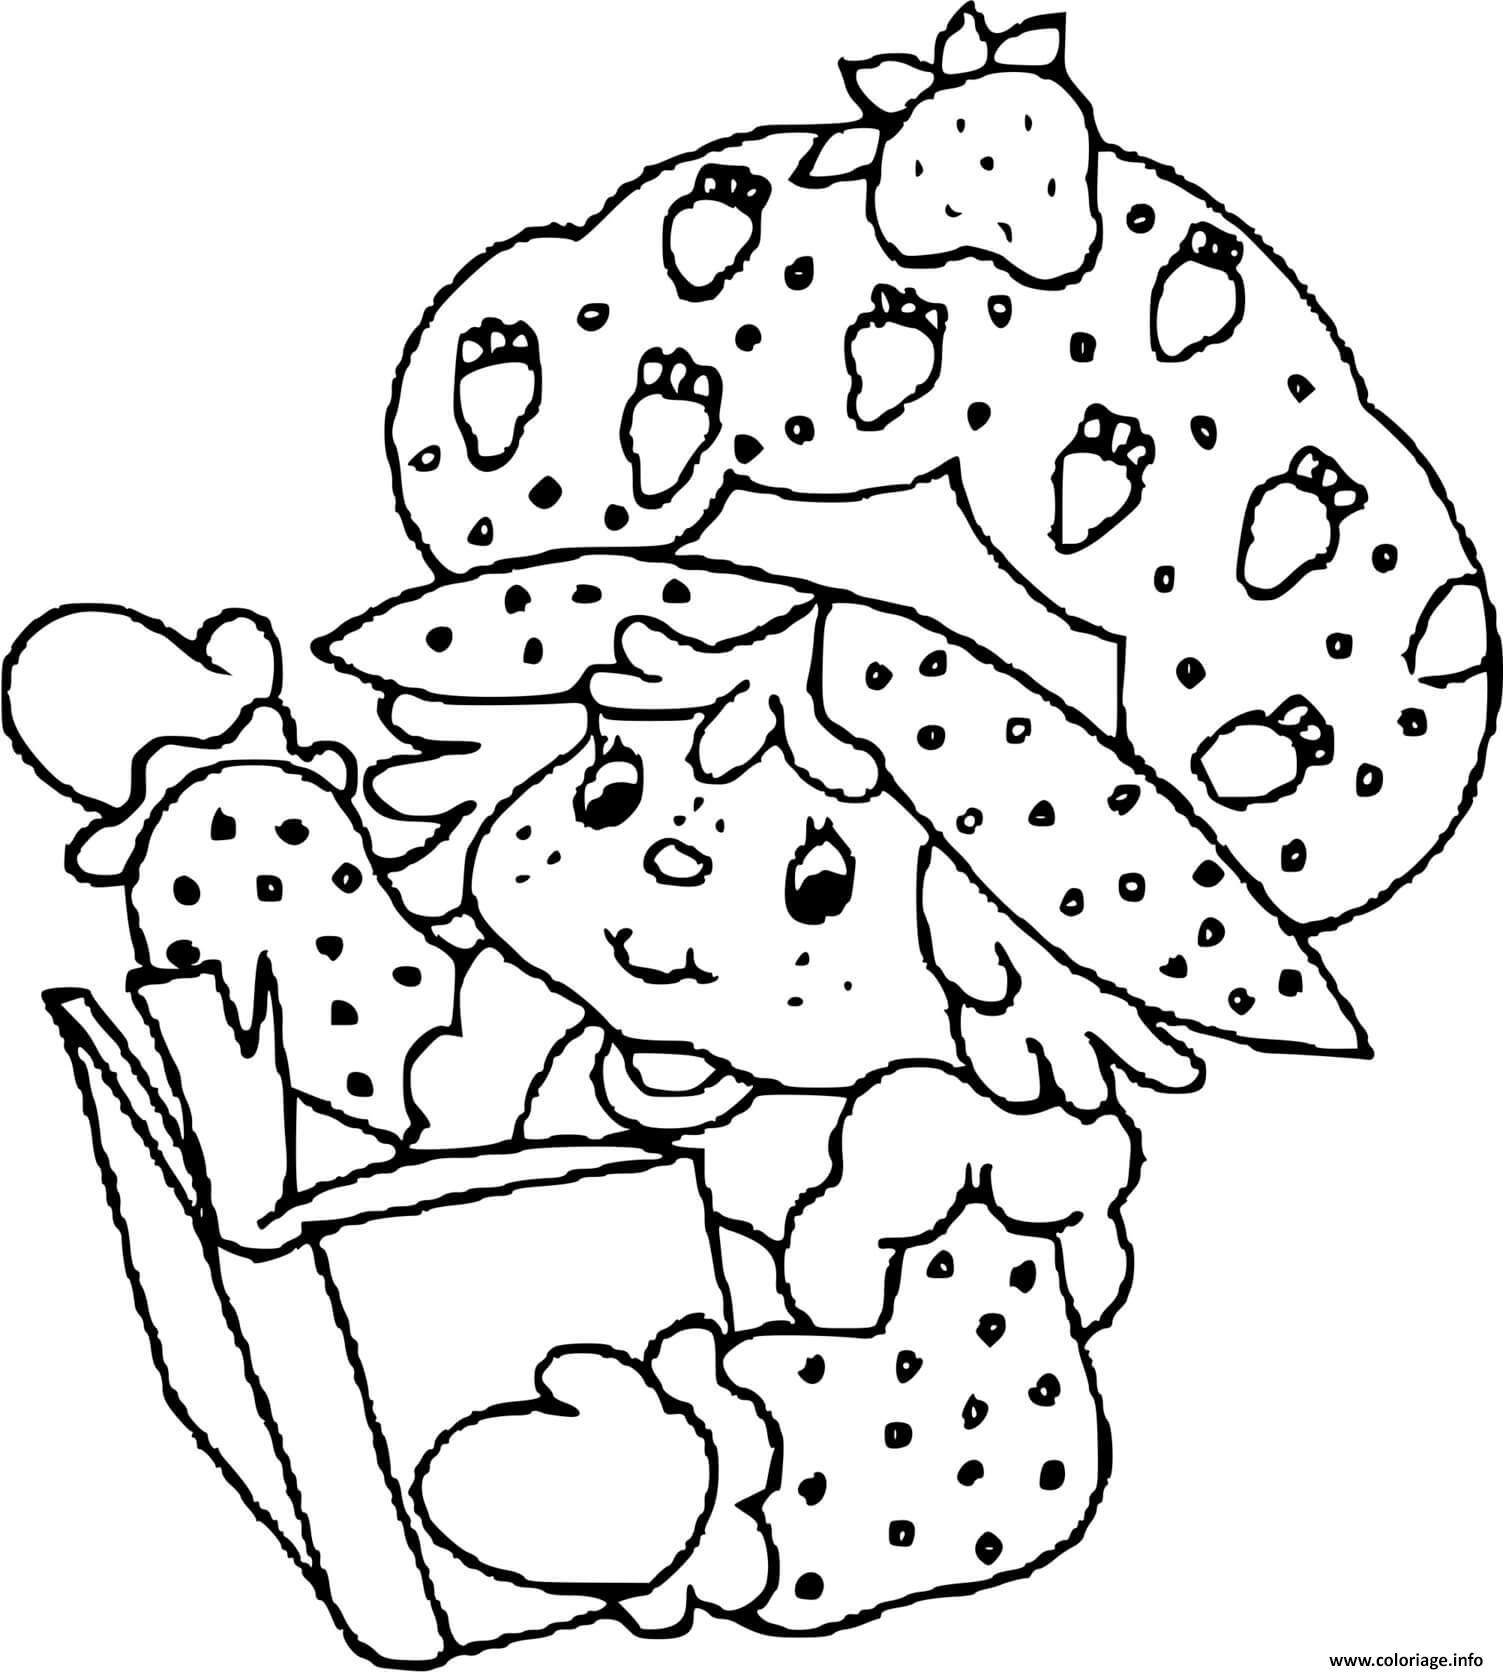 Dessin Charlotte aux fraises lit un livre Coloriage Gratuit à Imprimer